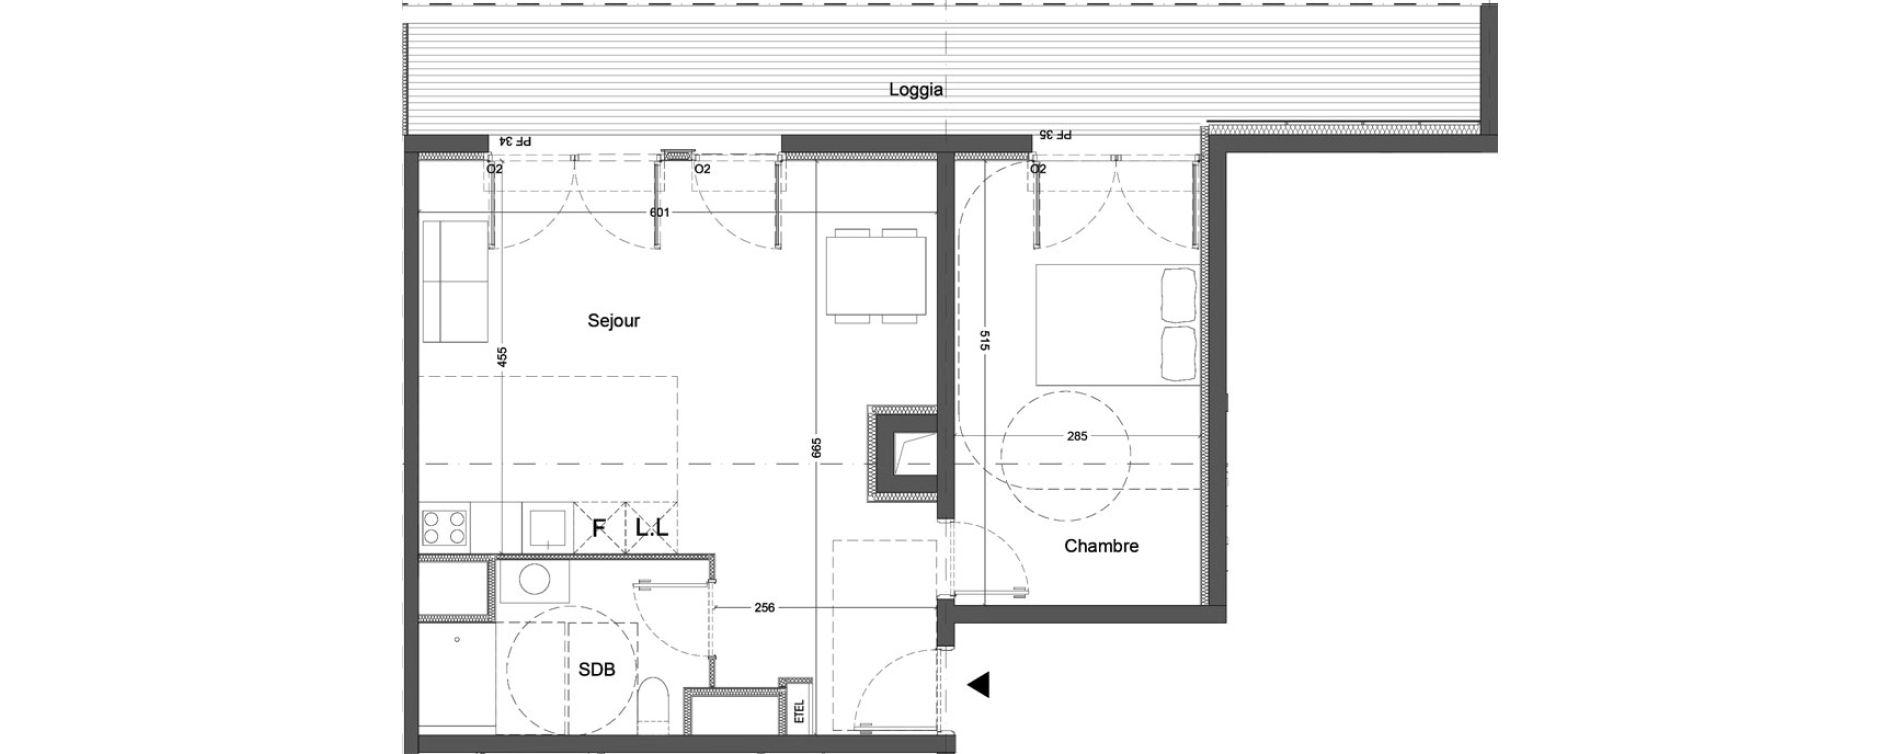 Appartement T2 de 51,85 m2 à Nice Saint augustin